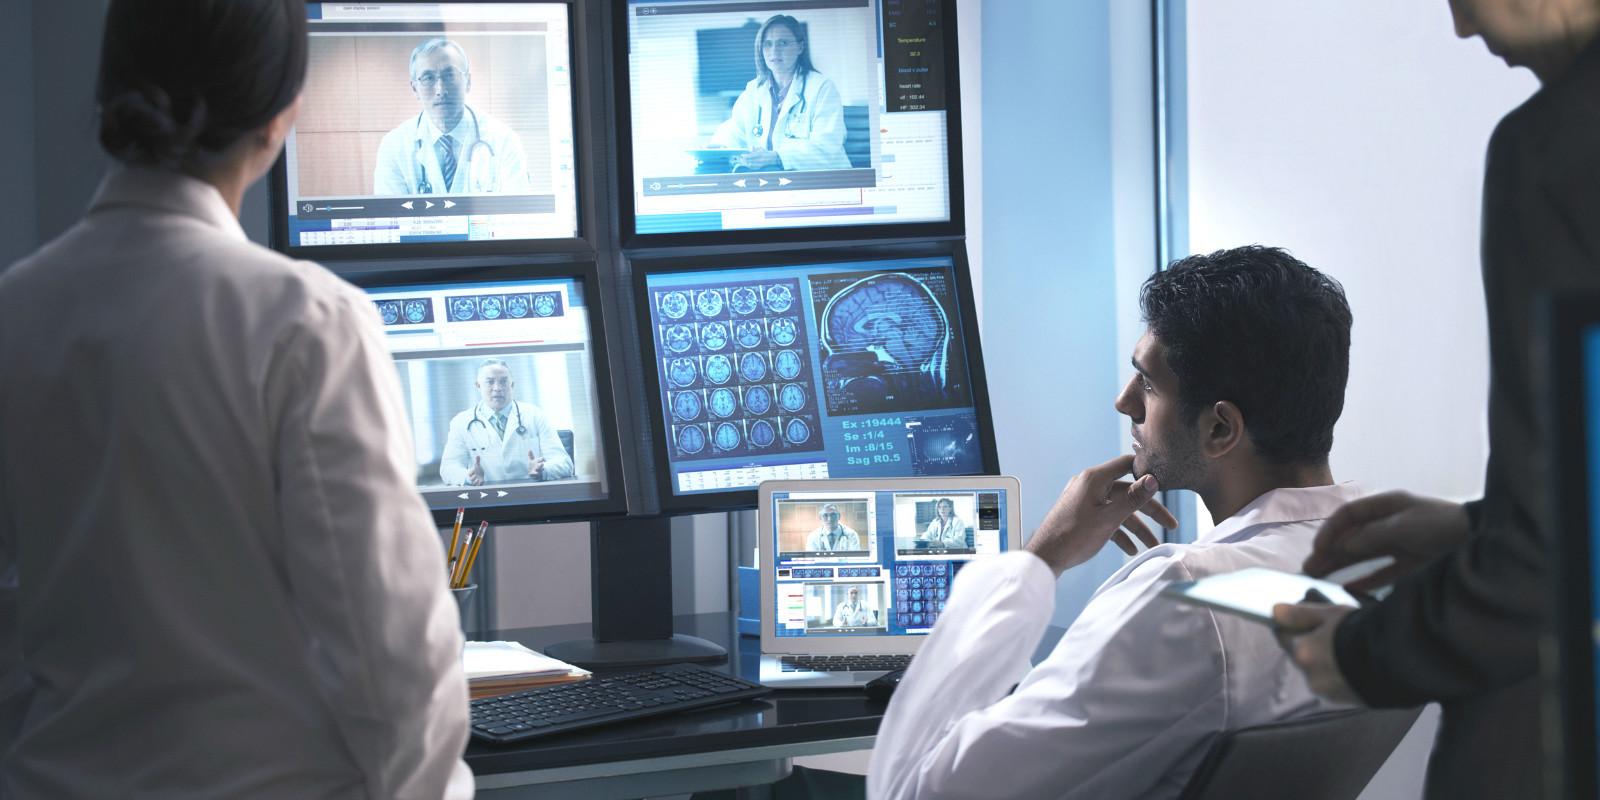 互联网医院须依托实体医疗机构 数据应全程留痕